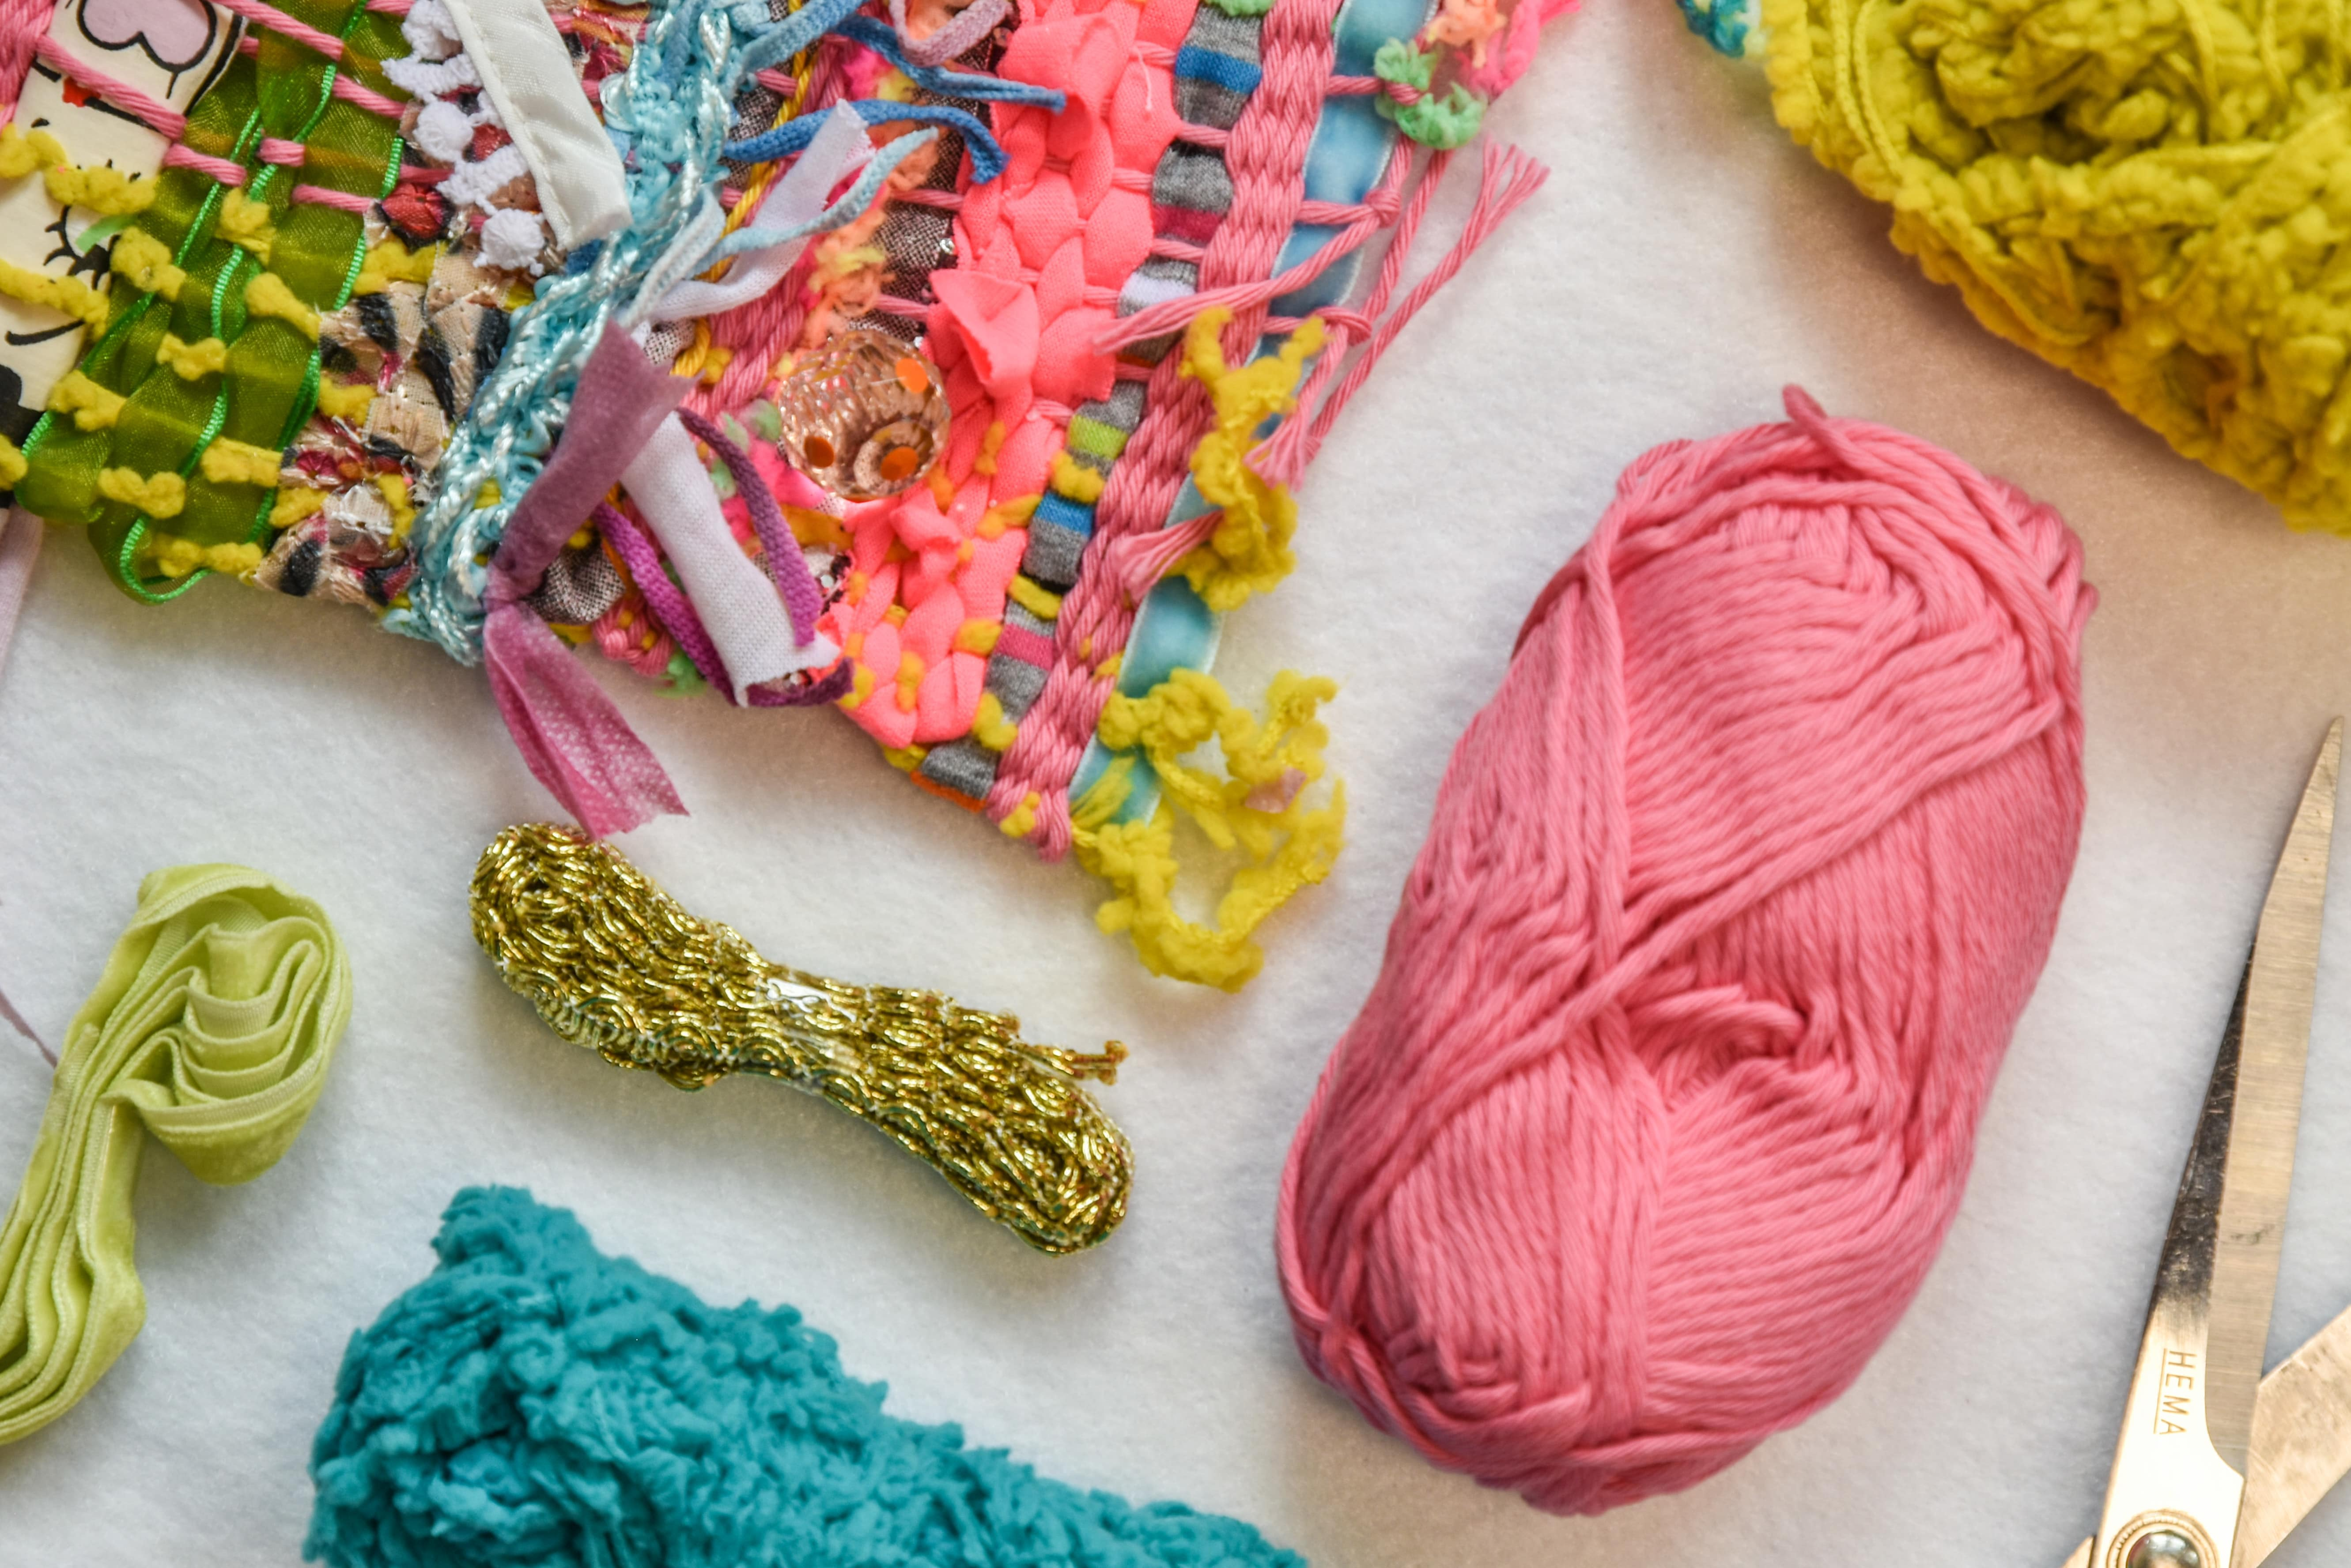 Stukje saori stijl weefsel en bolletjes felgekleurde draden in verschillende structuren en diktes